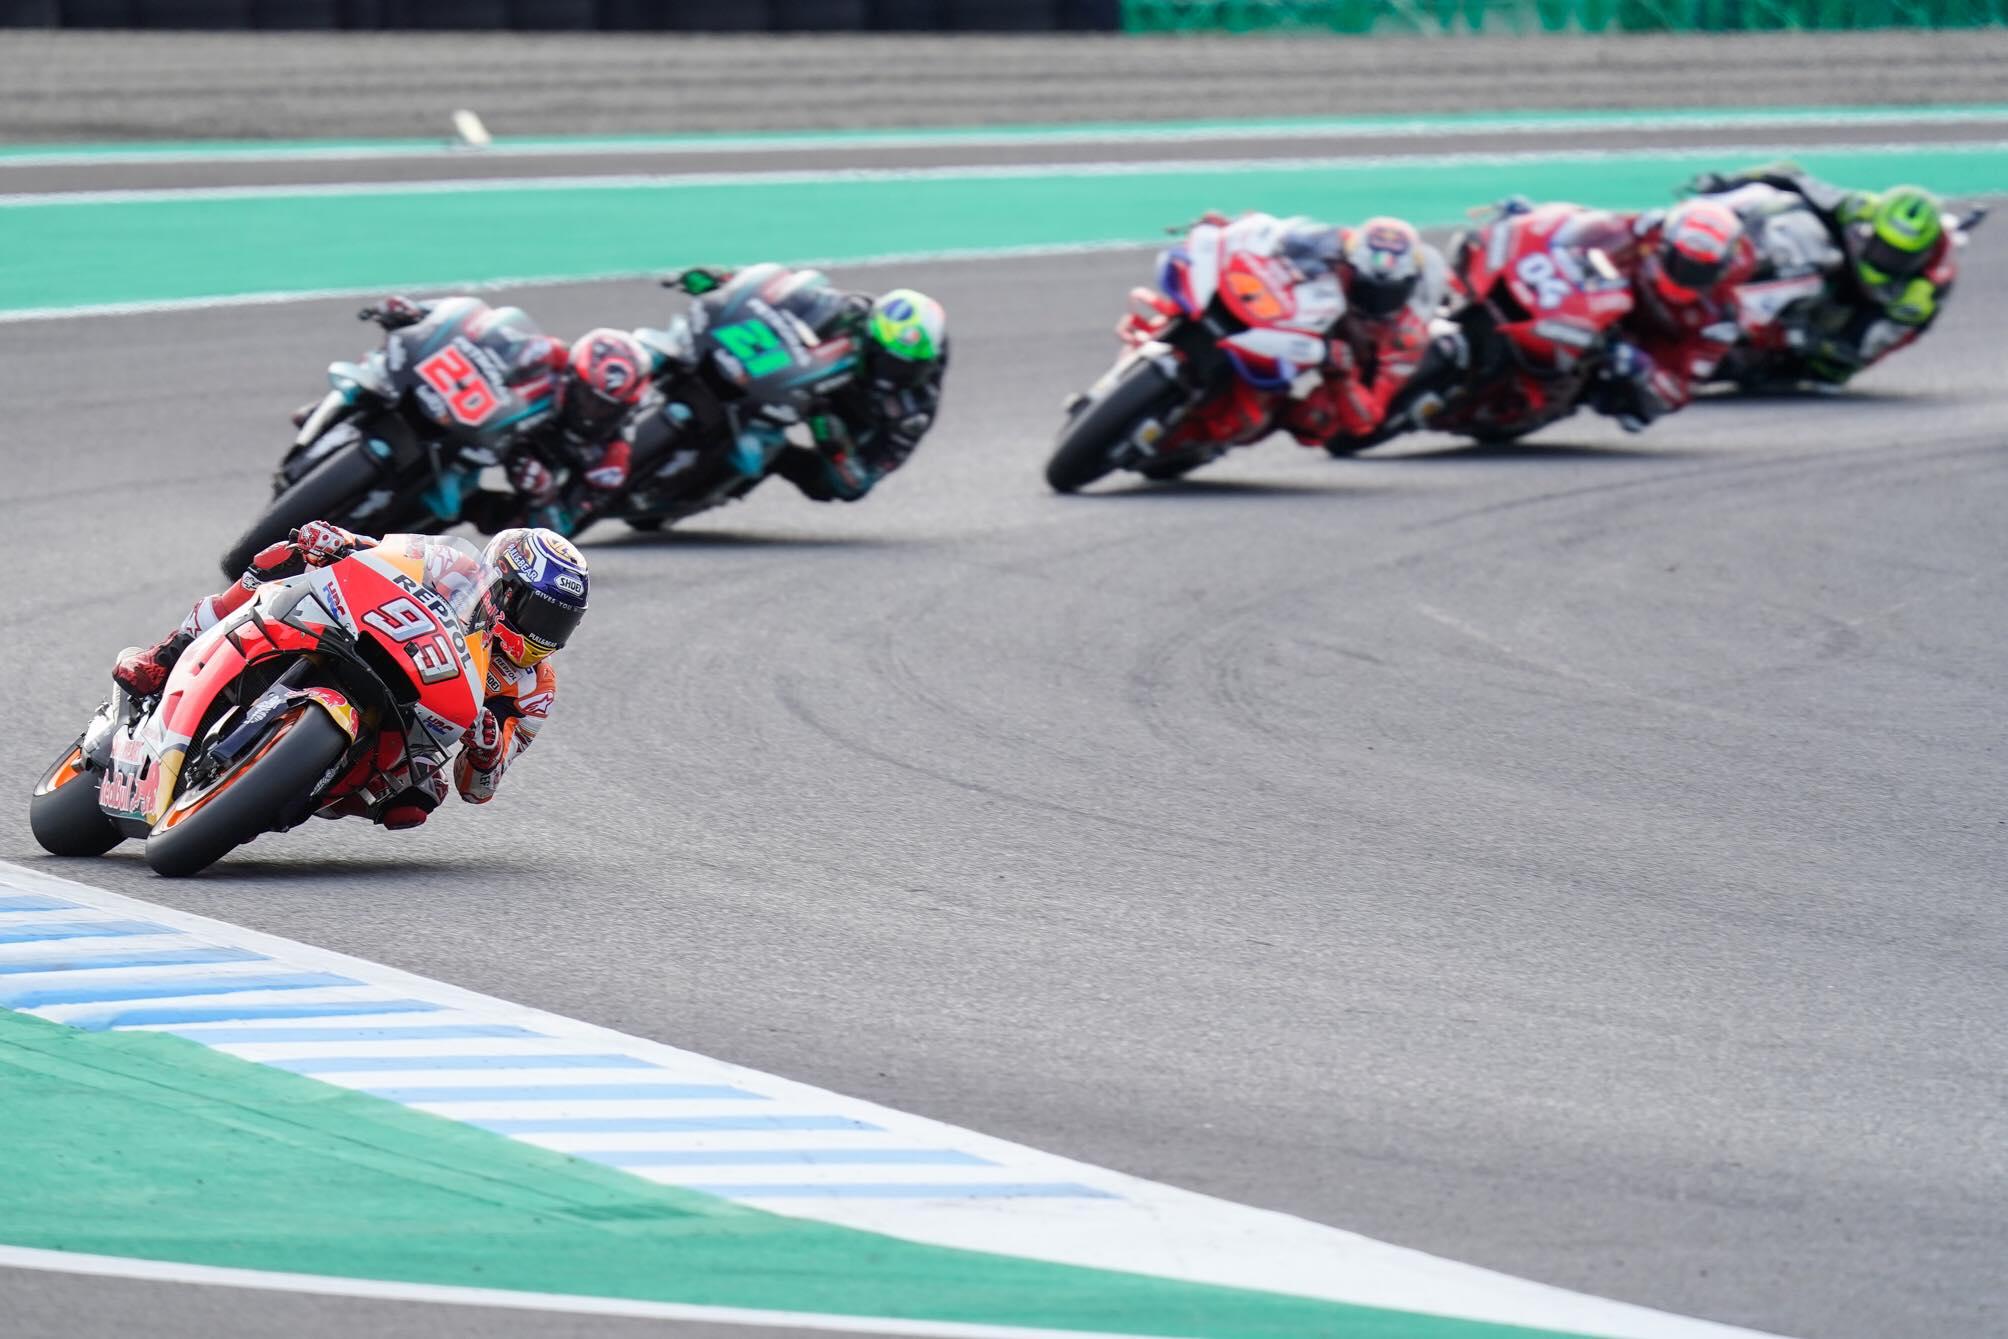 Jadwal Terbaru MotoGP 2021, Jangan Lewatkan Aksi Pembalap Federal Oil Moto2